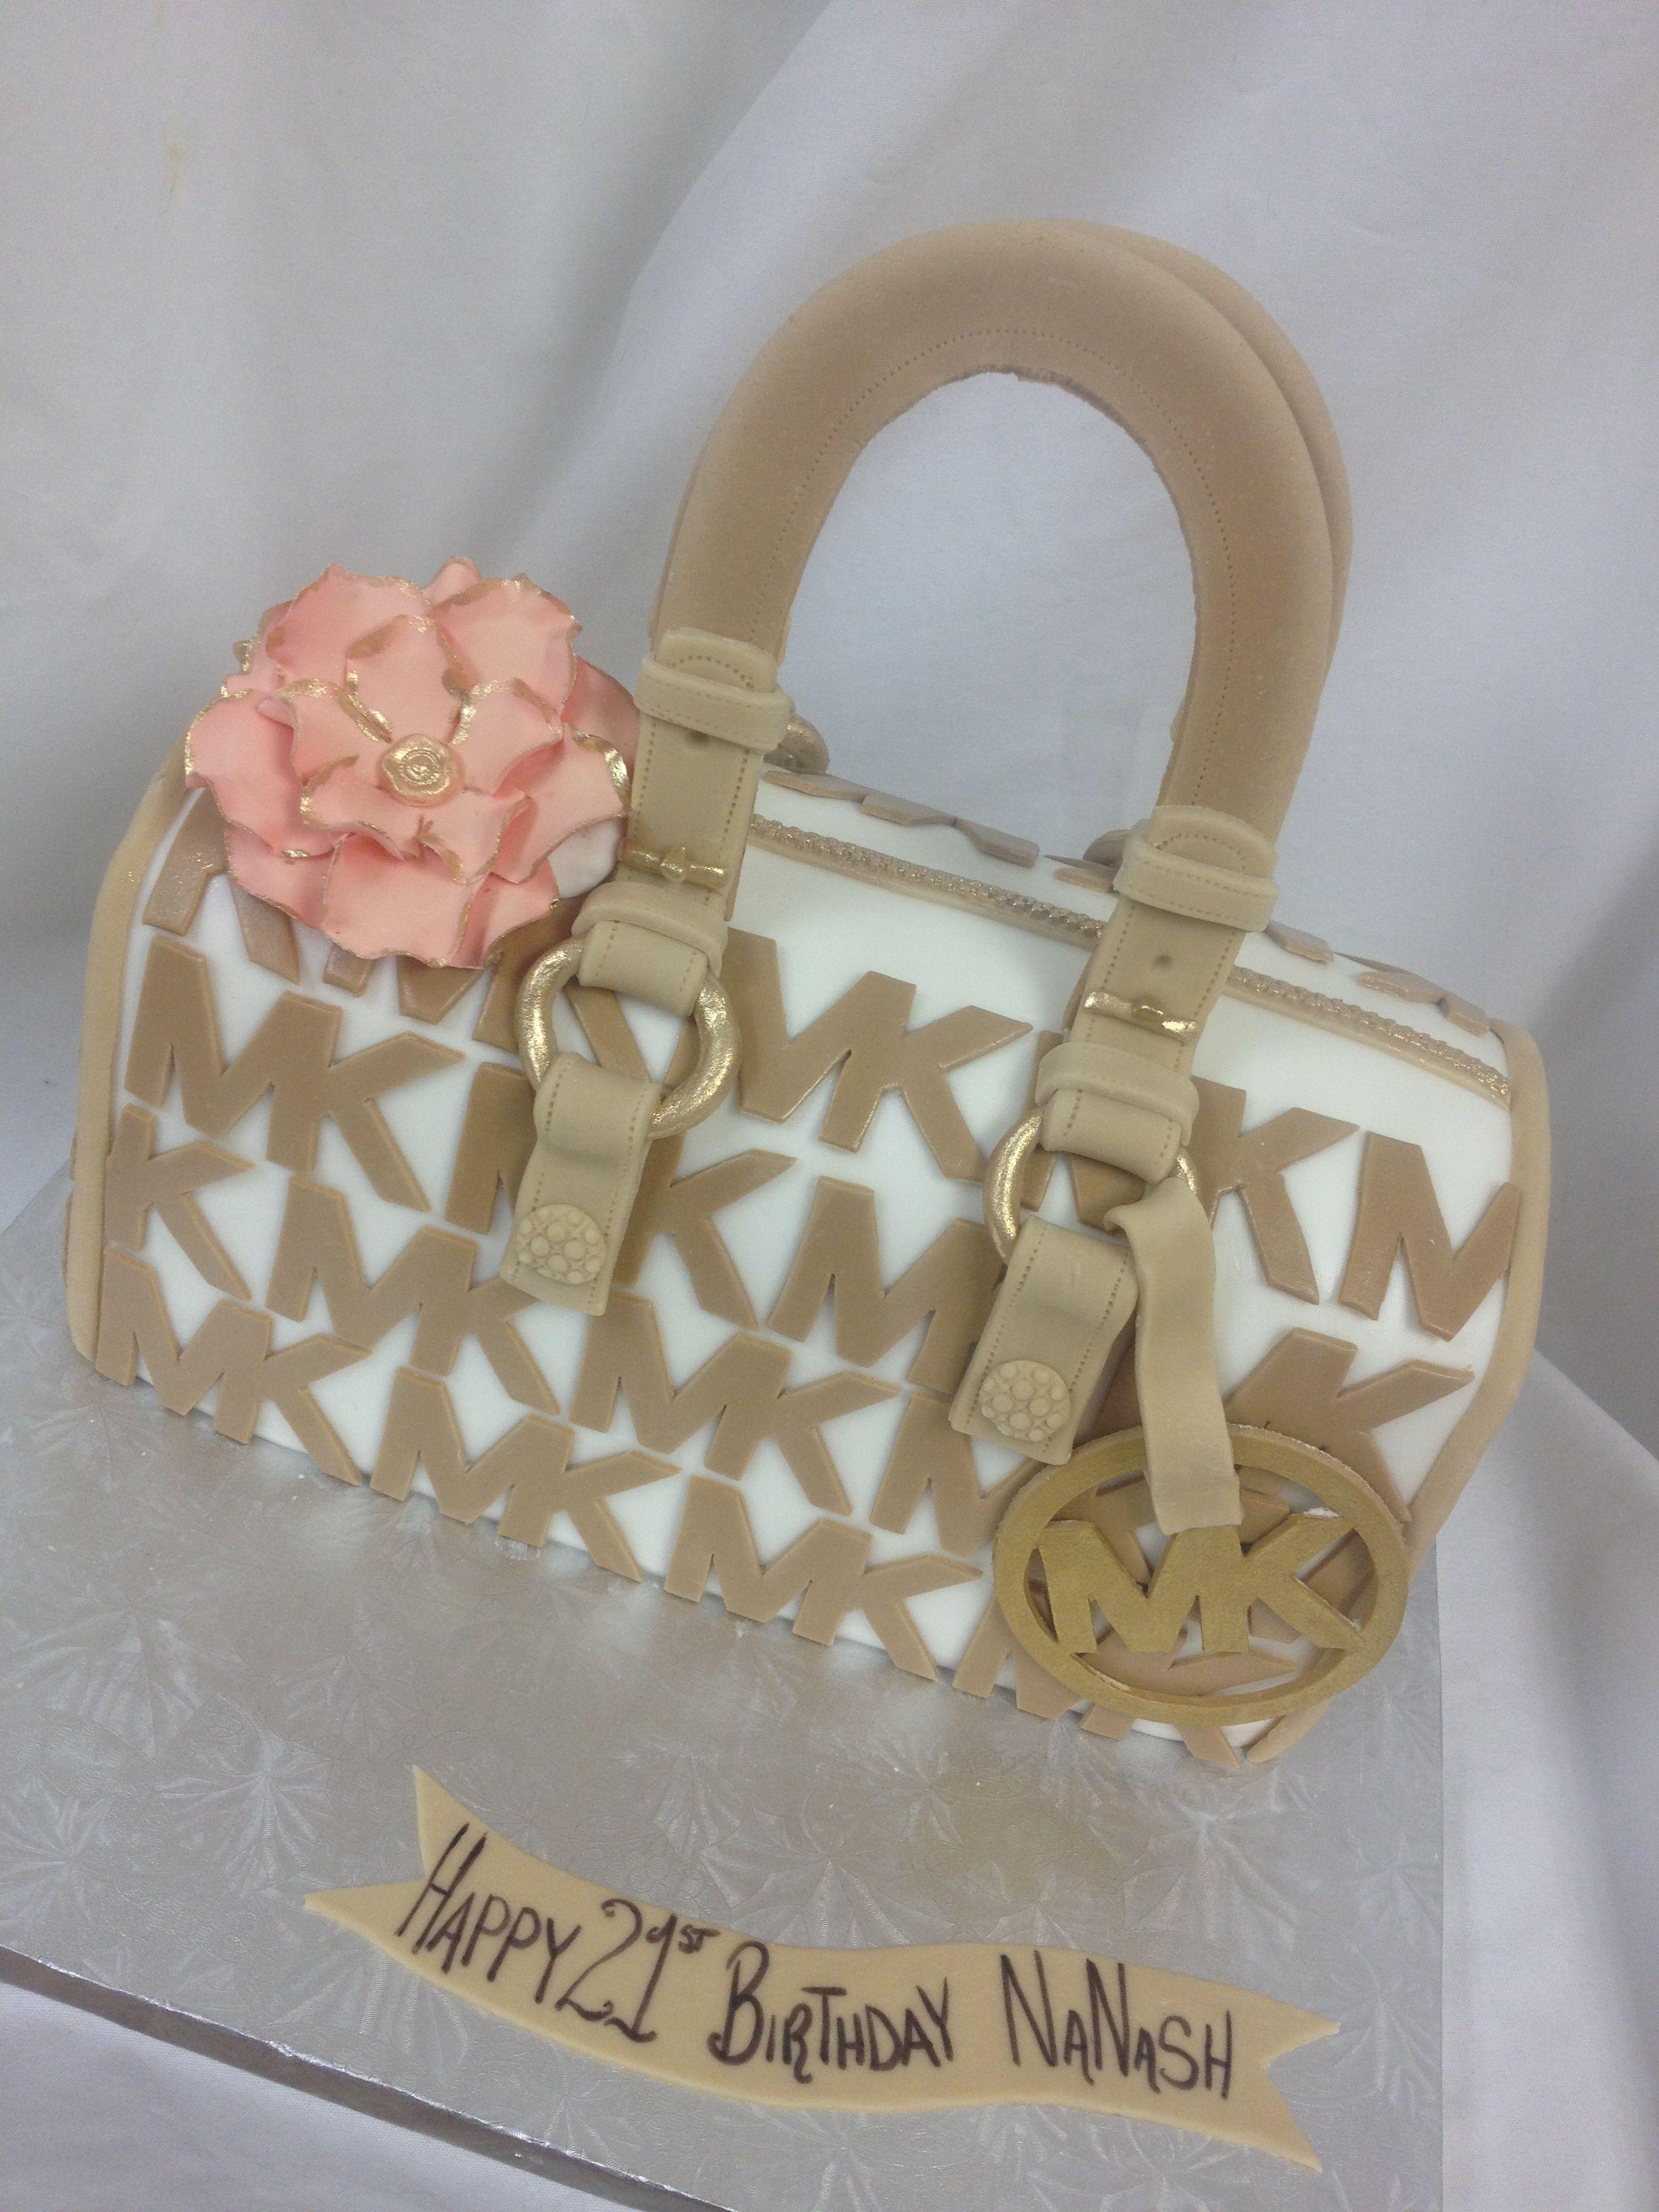 Michael Kors purse cake! , Louis Vuitton handbags online outlet, www.cheapwholesalemichaelKors.com discount GUCCI purses online collection,